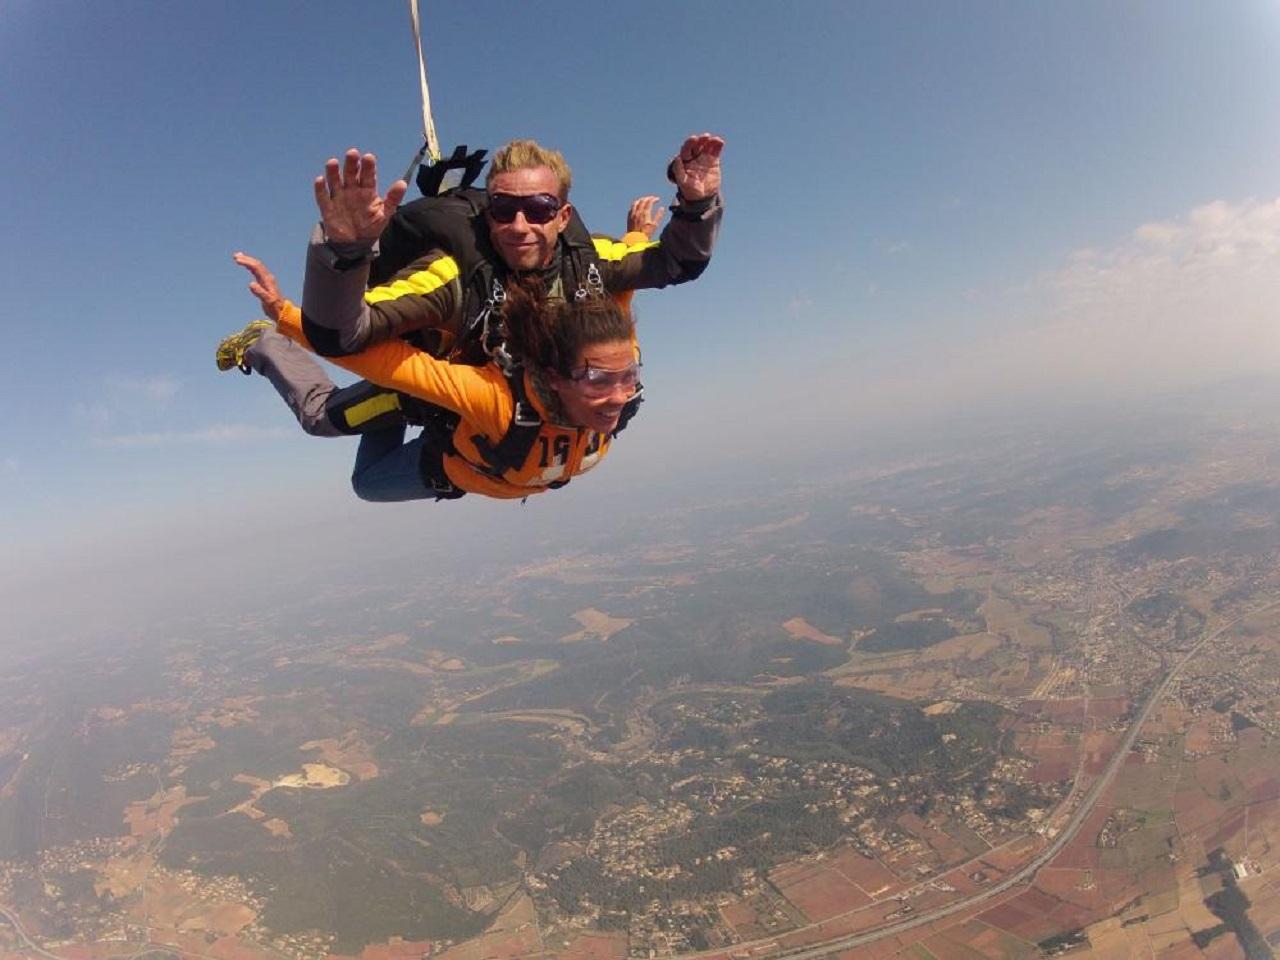 Super Saut en parachute en tandem - Cadeaux Kazaden DK48